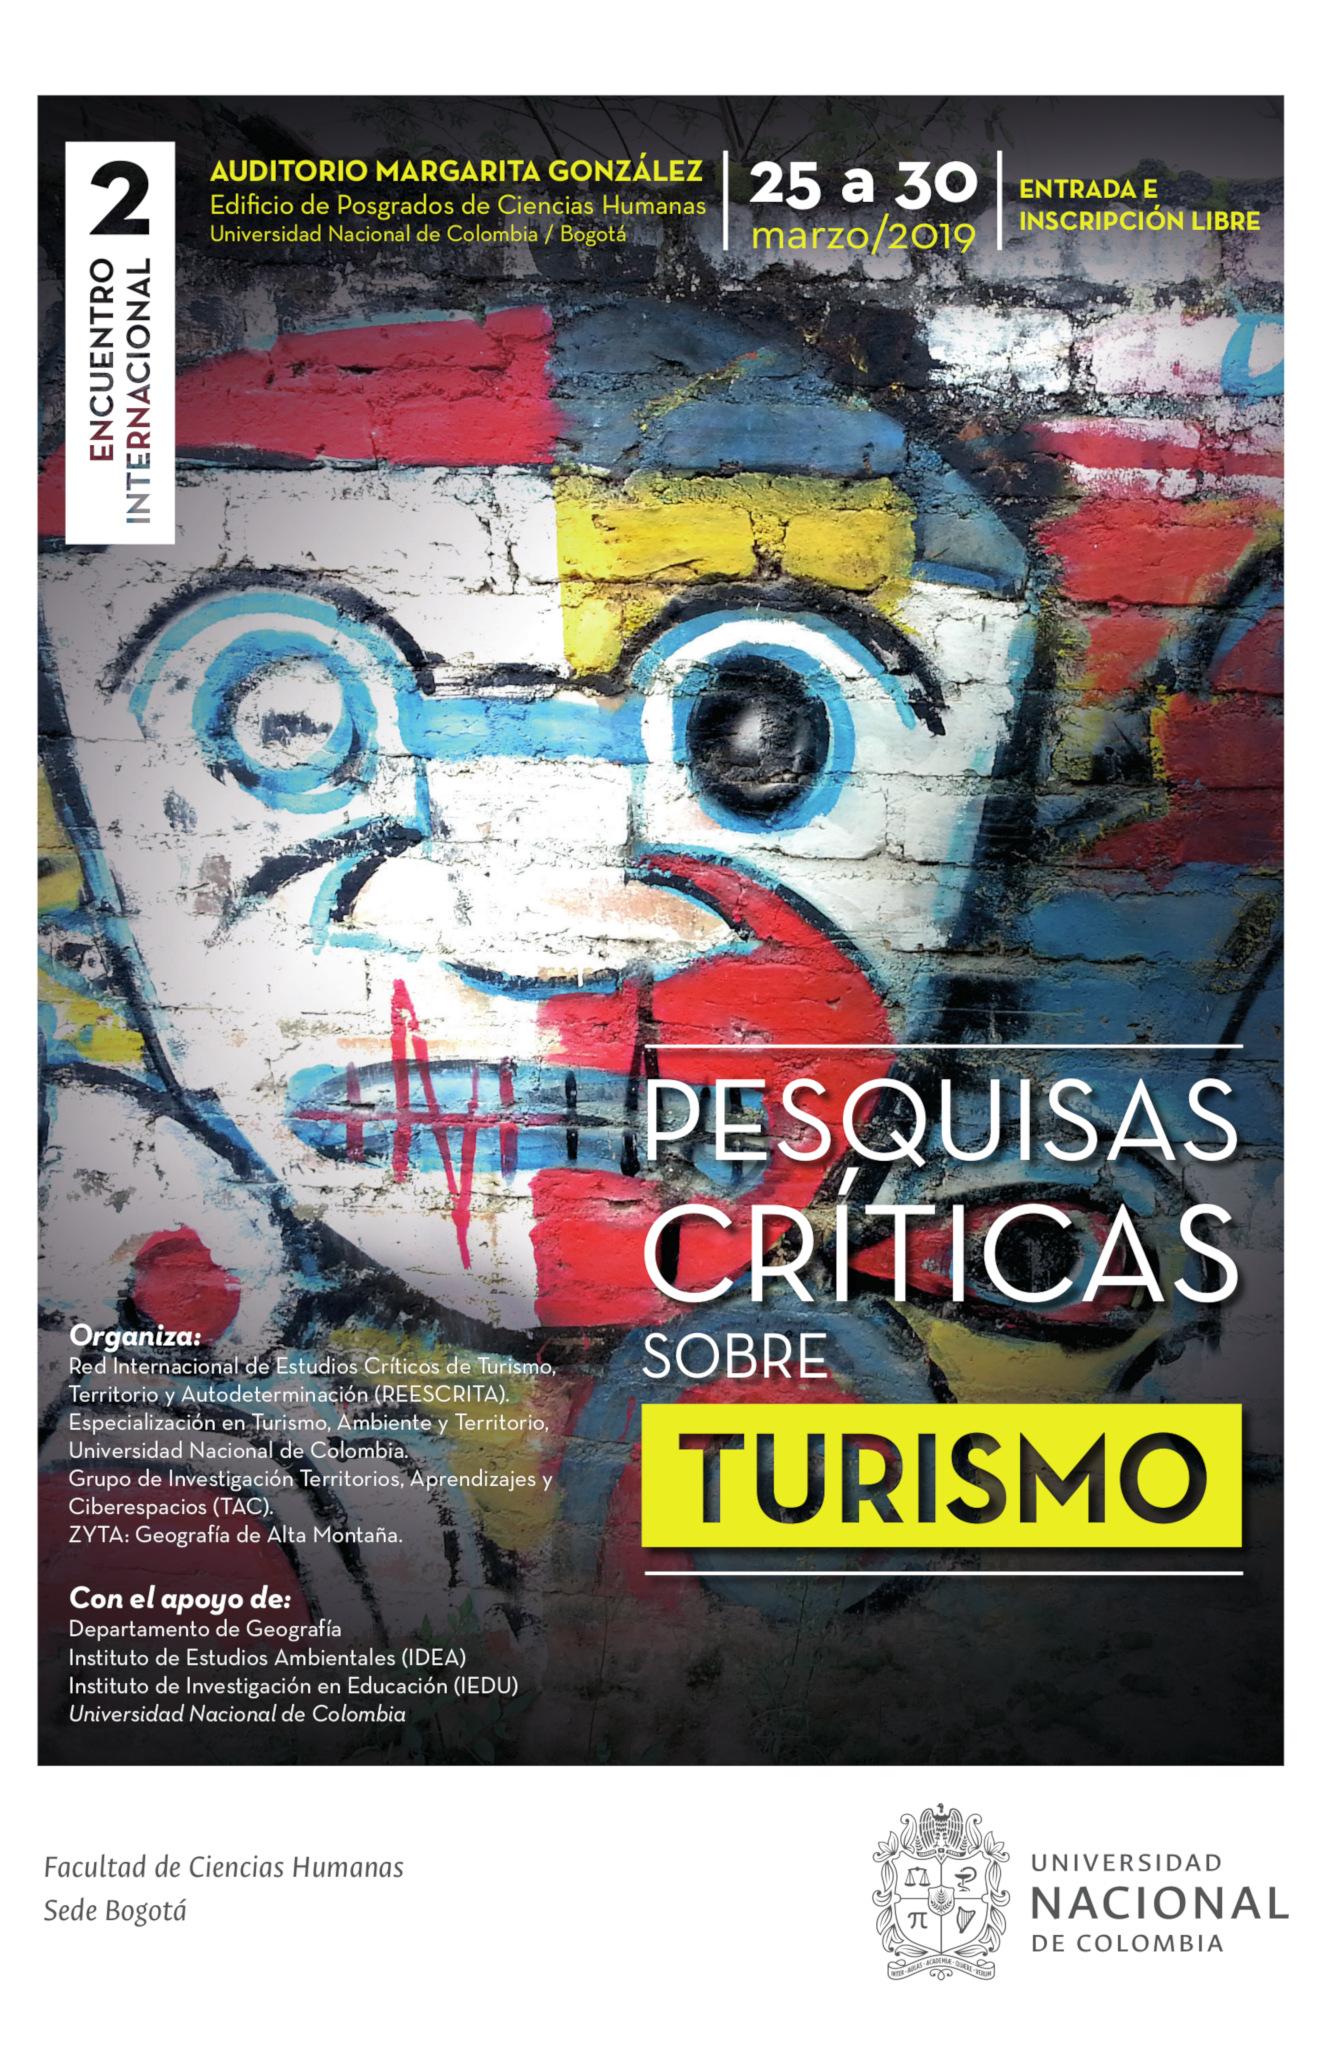 Segundo encuentro internacional «Pesquisas críticas sobre turismo»